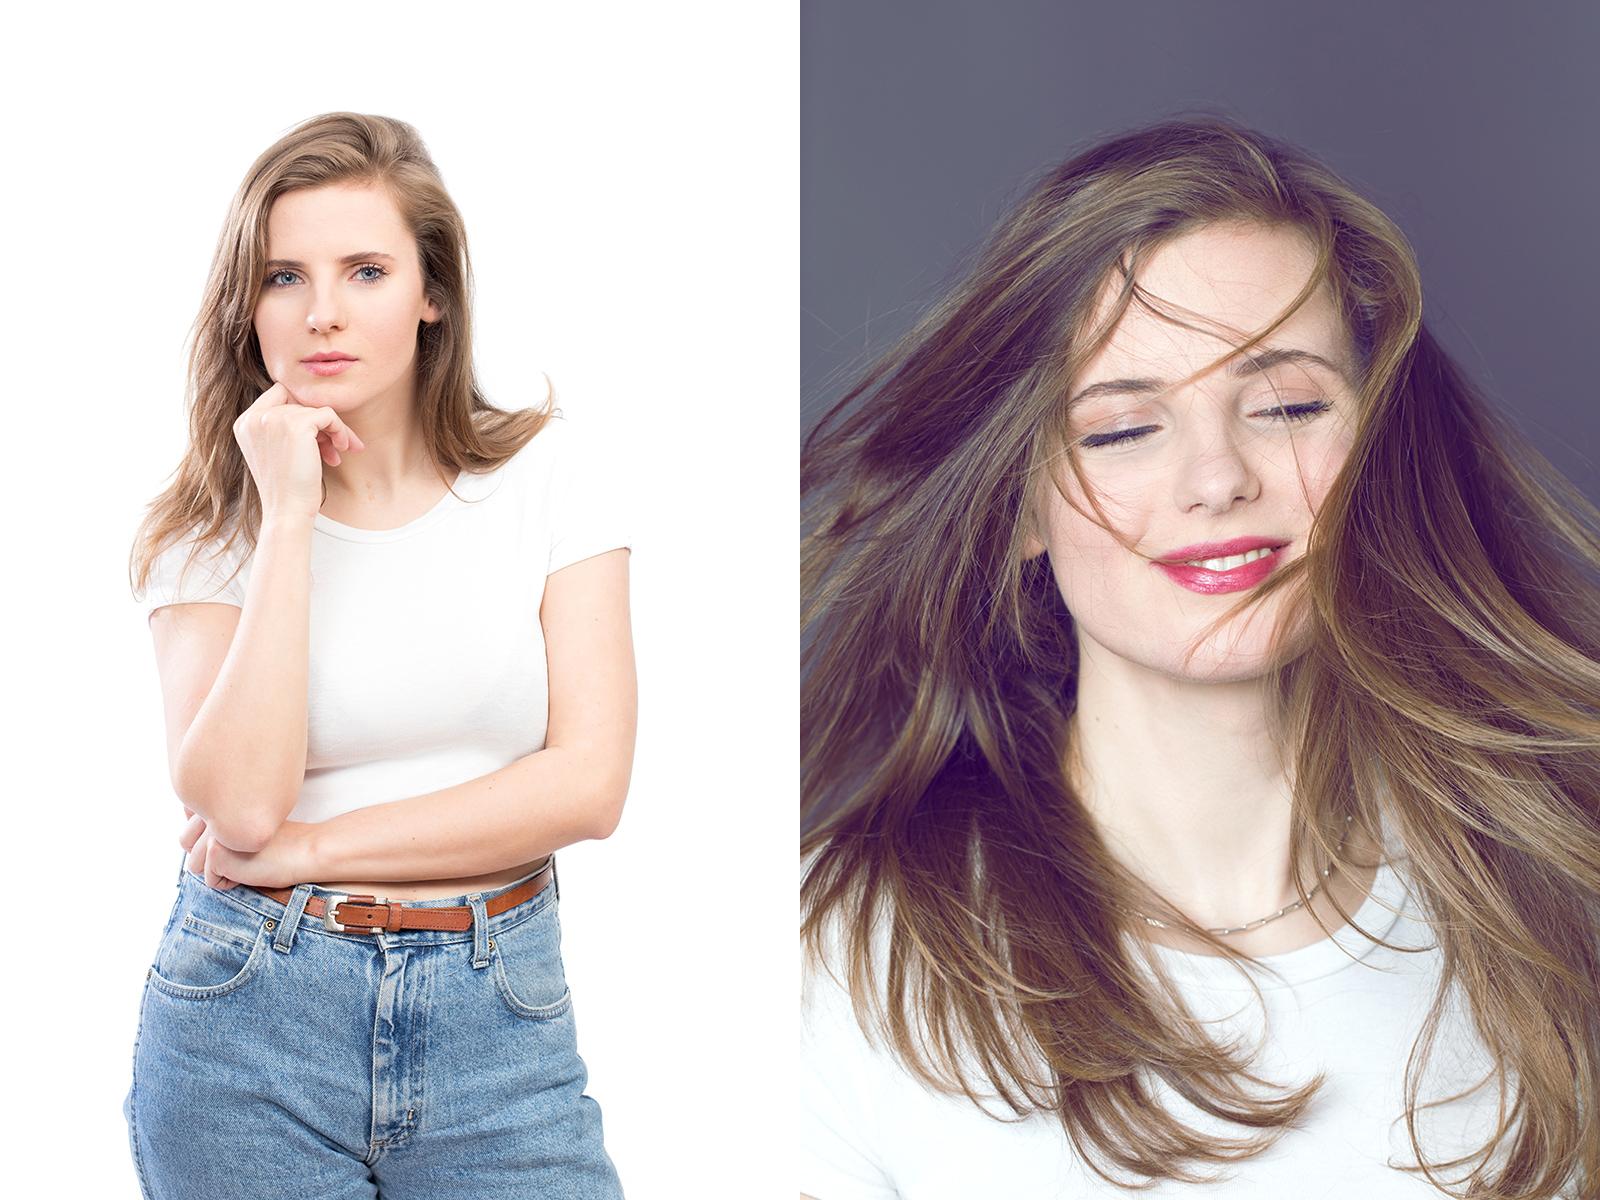 03b schauspielerin jennifer steinbach schauspieler portrait fotograf kuenstlerportrait - Fotograf X Schauspielerin